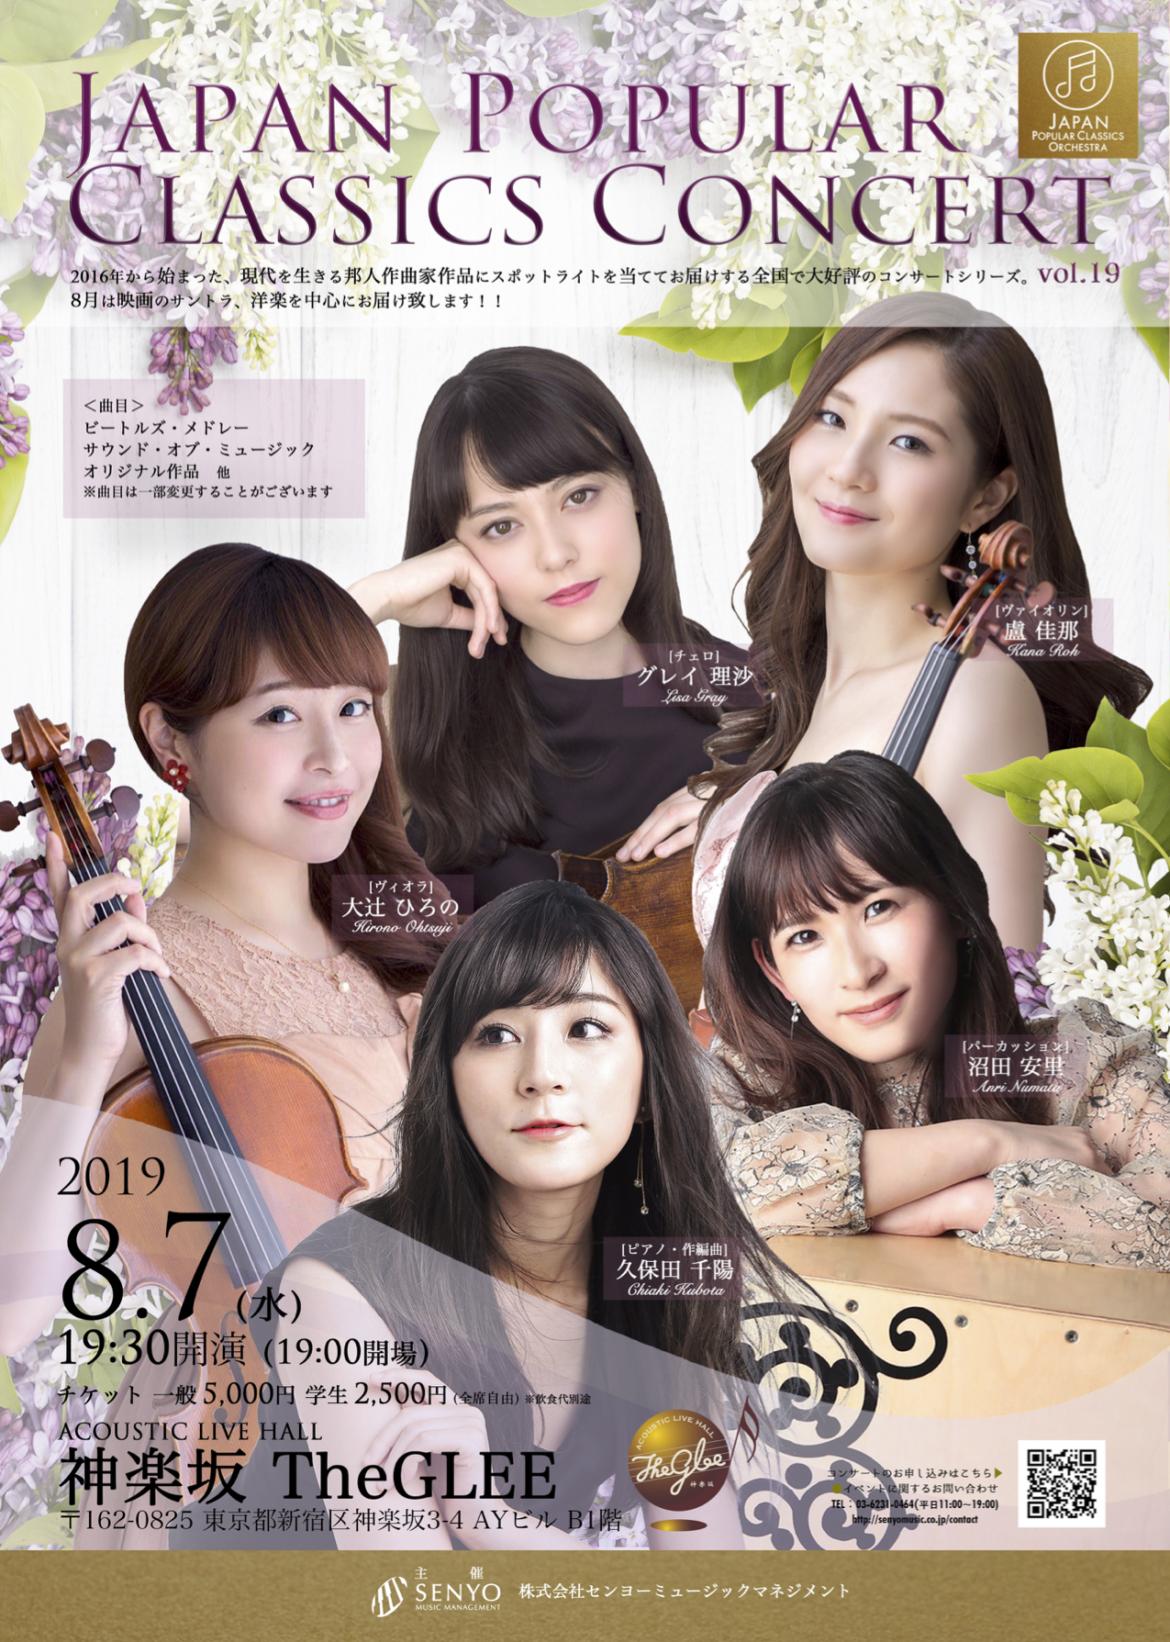 2019.8.7 第19回 JAPAN POPULAR CLASSICS CONCERT